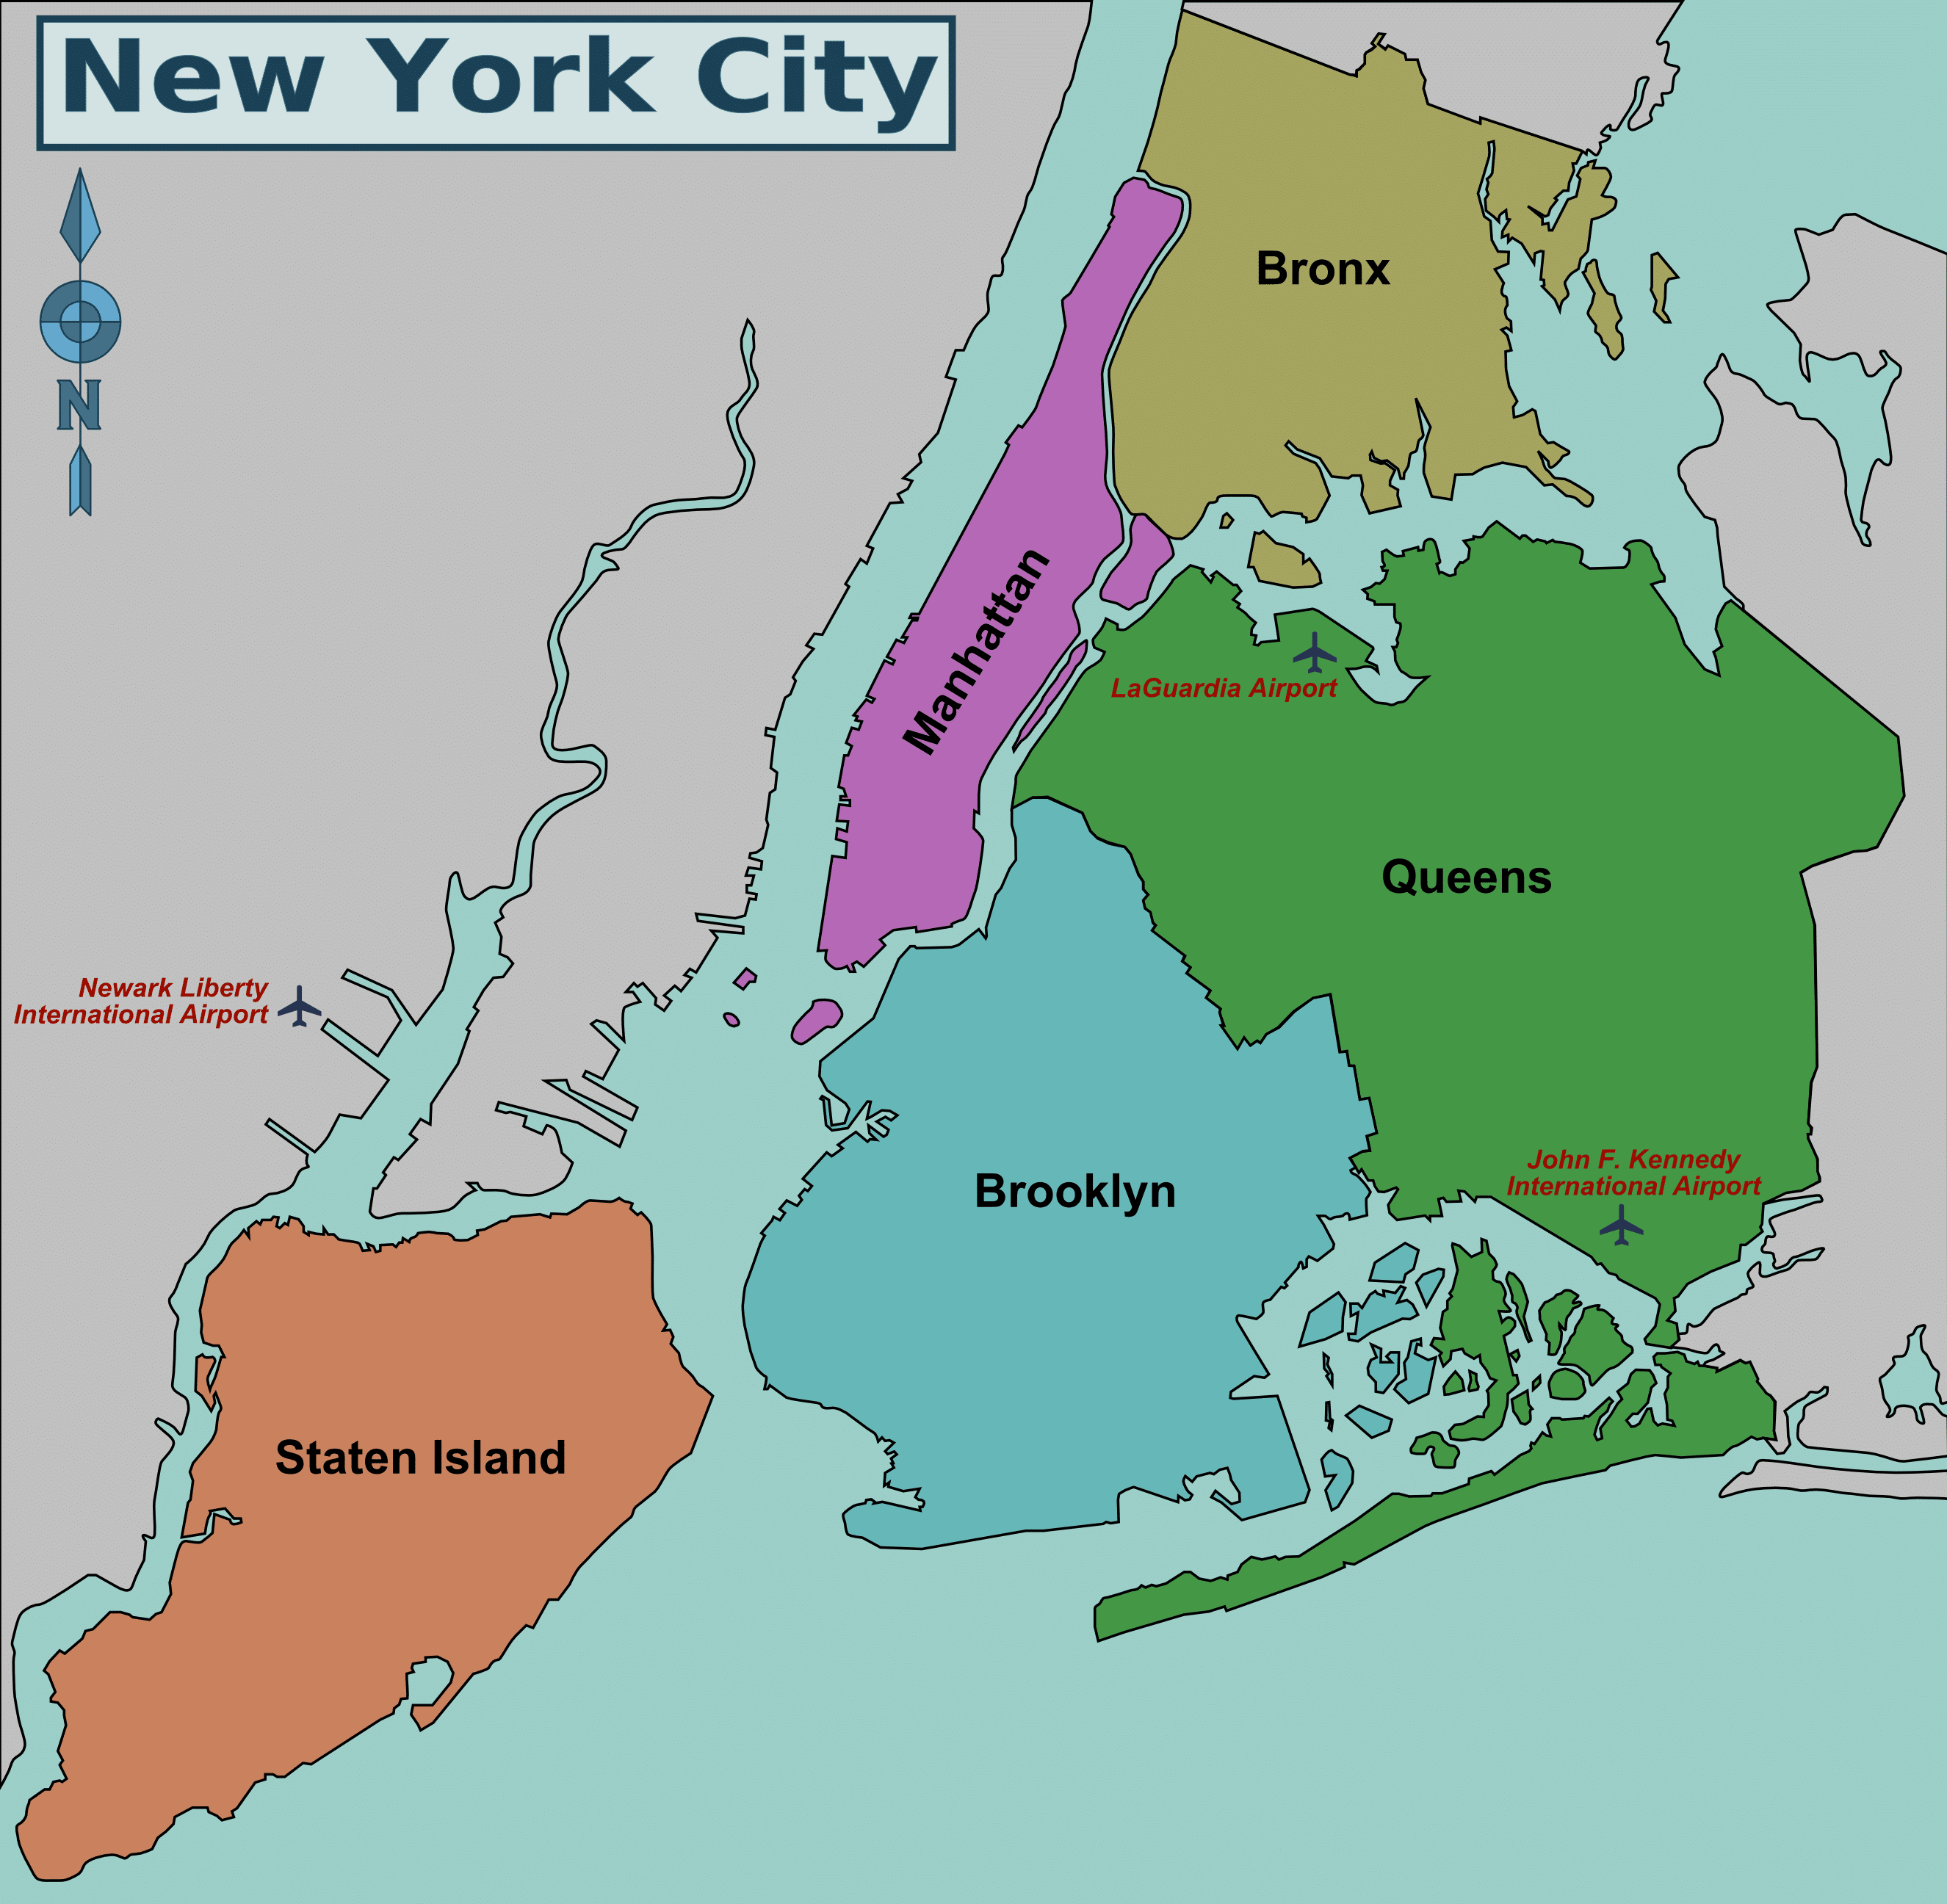 New York Mapa Turistico.Mapa De Nova York Conhecendo Melhor A Cidade Nova York E Voce